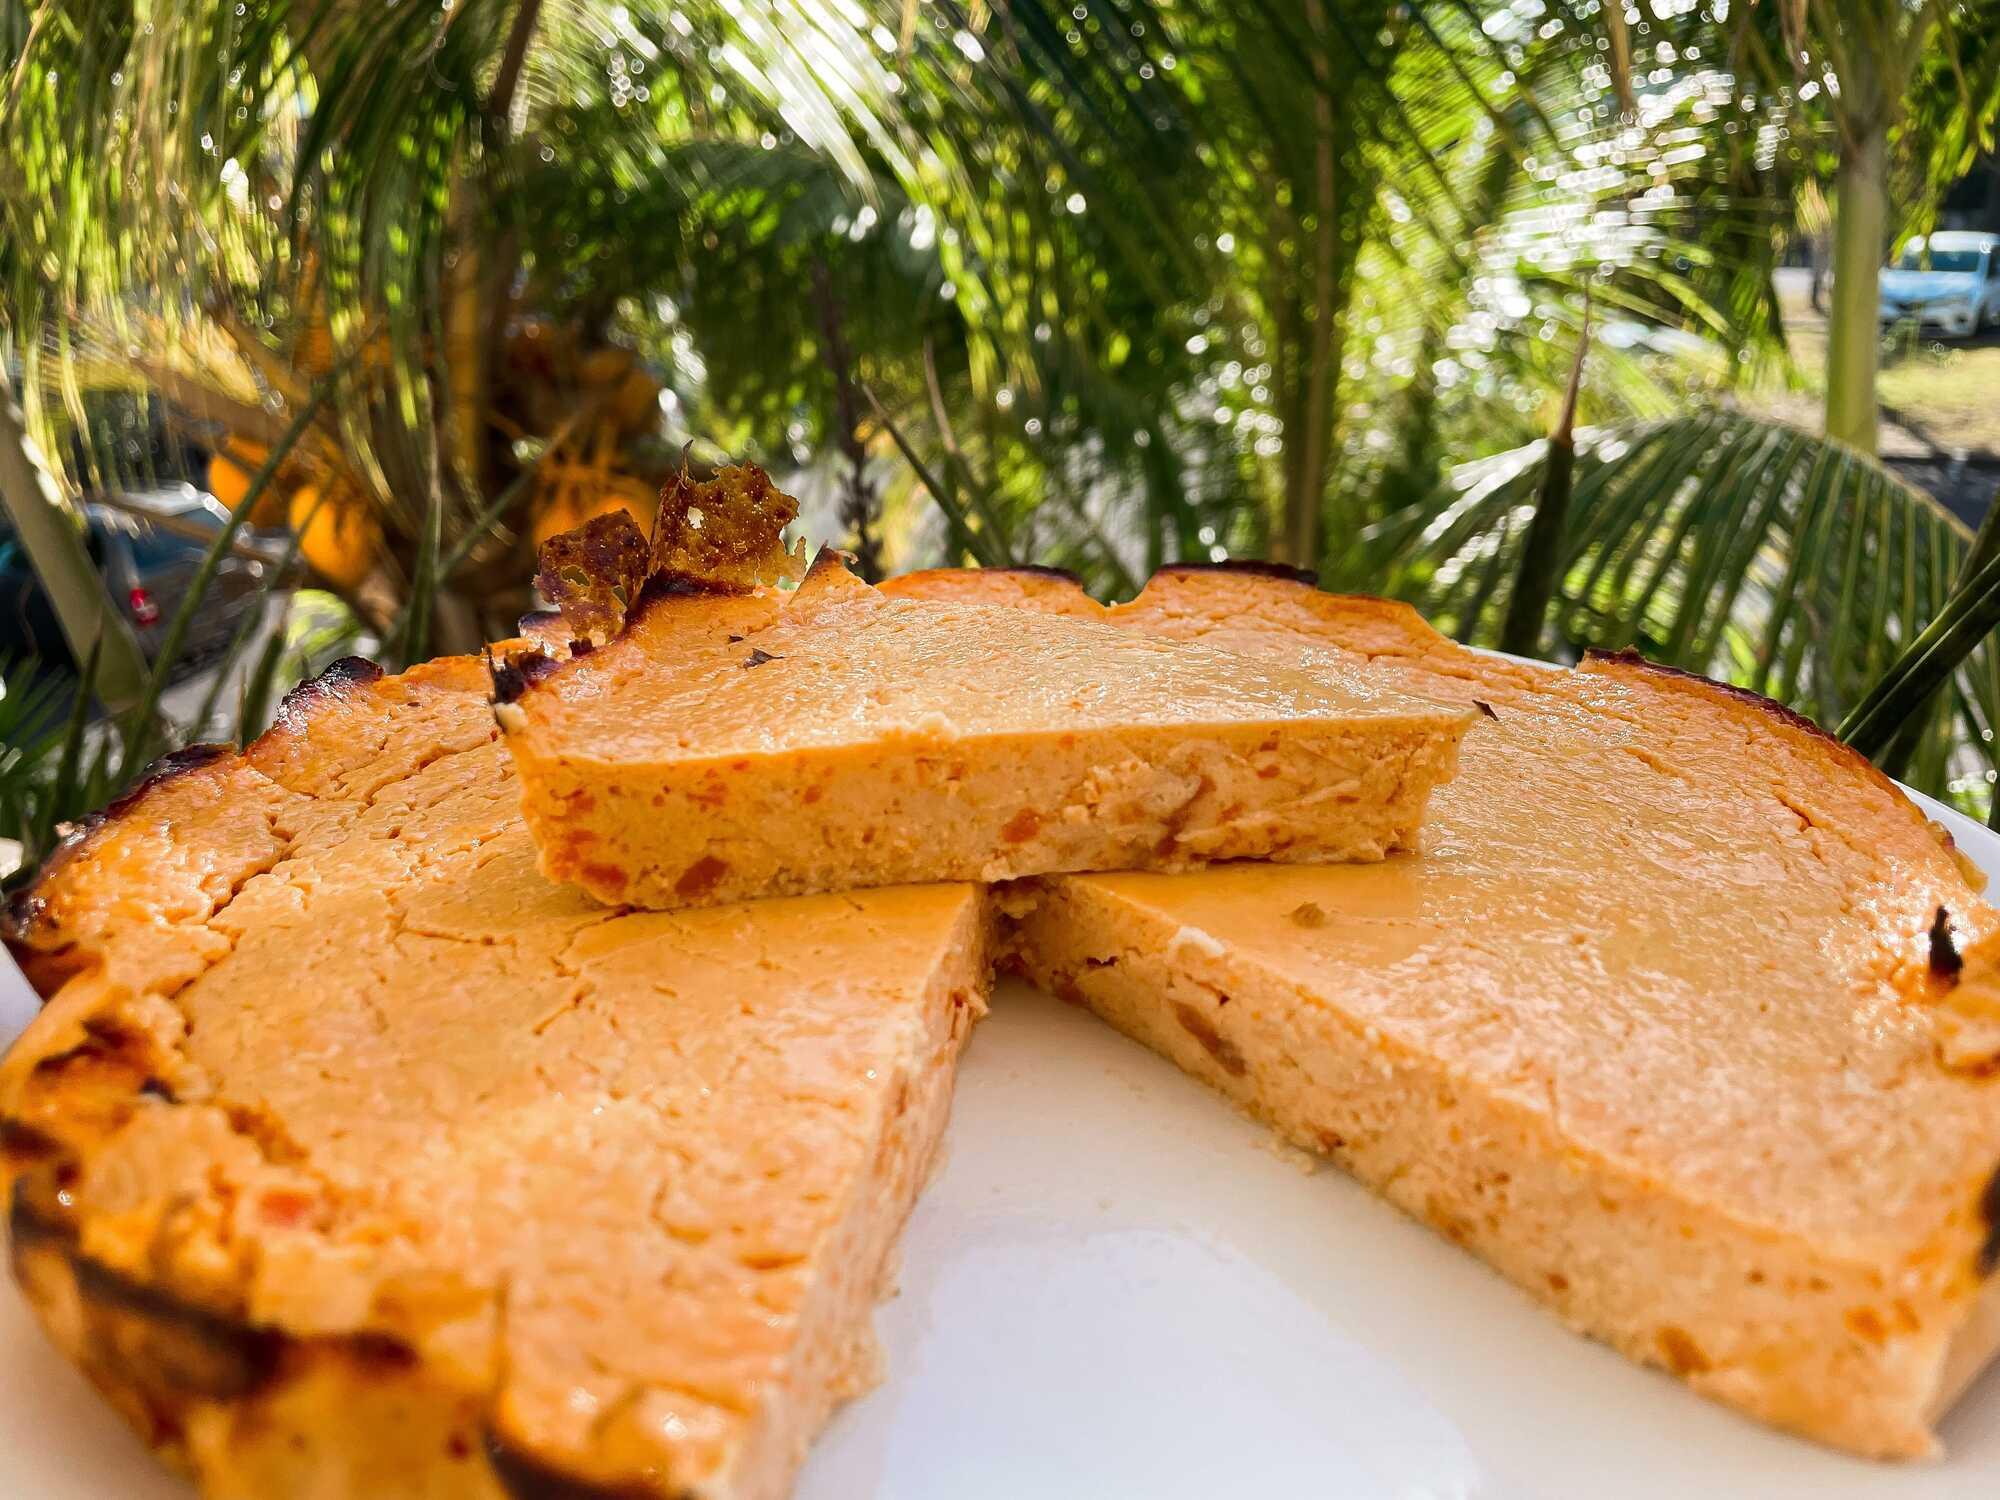 Gâteau de patate douce coupé et présenté sur une assiette blanche au milieu de feuilles.